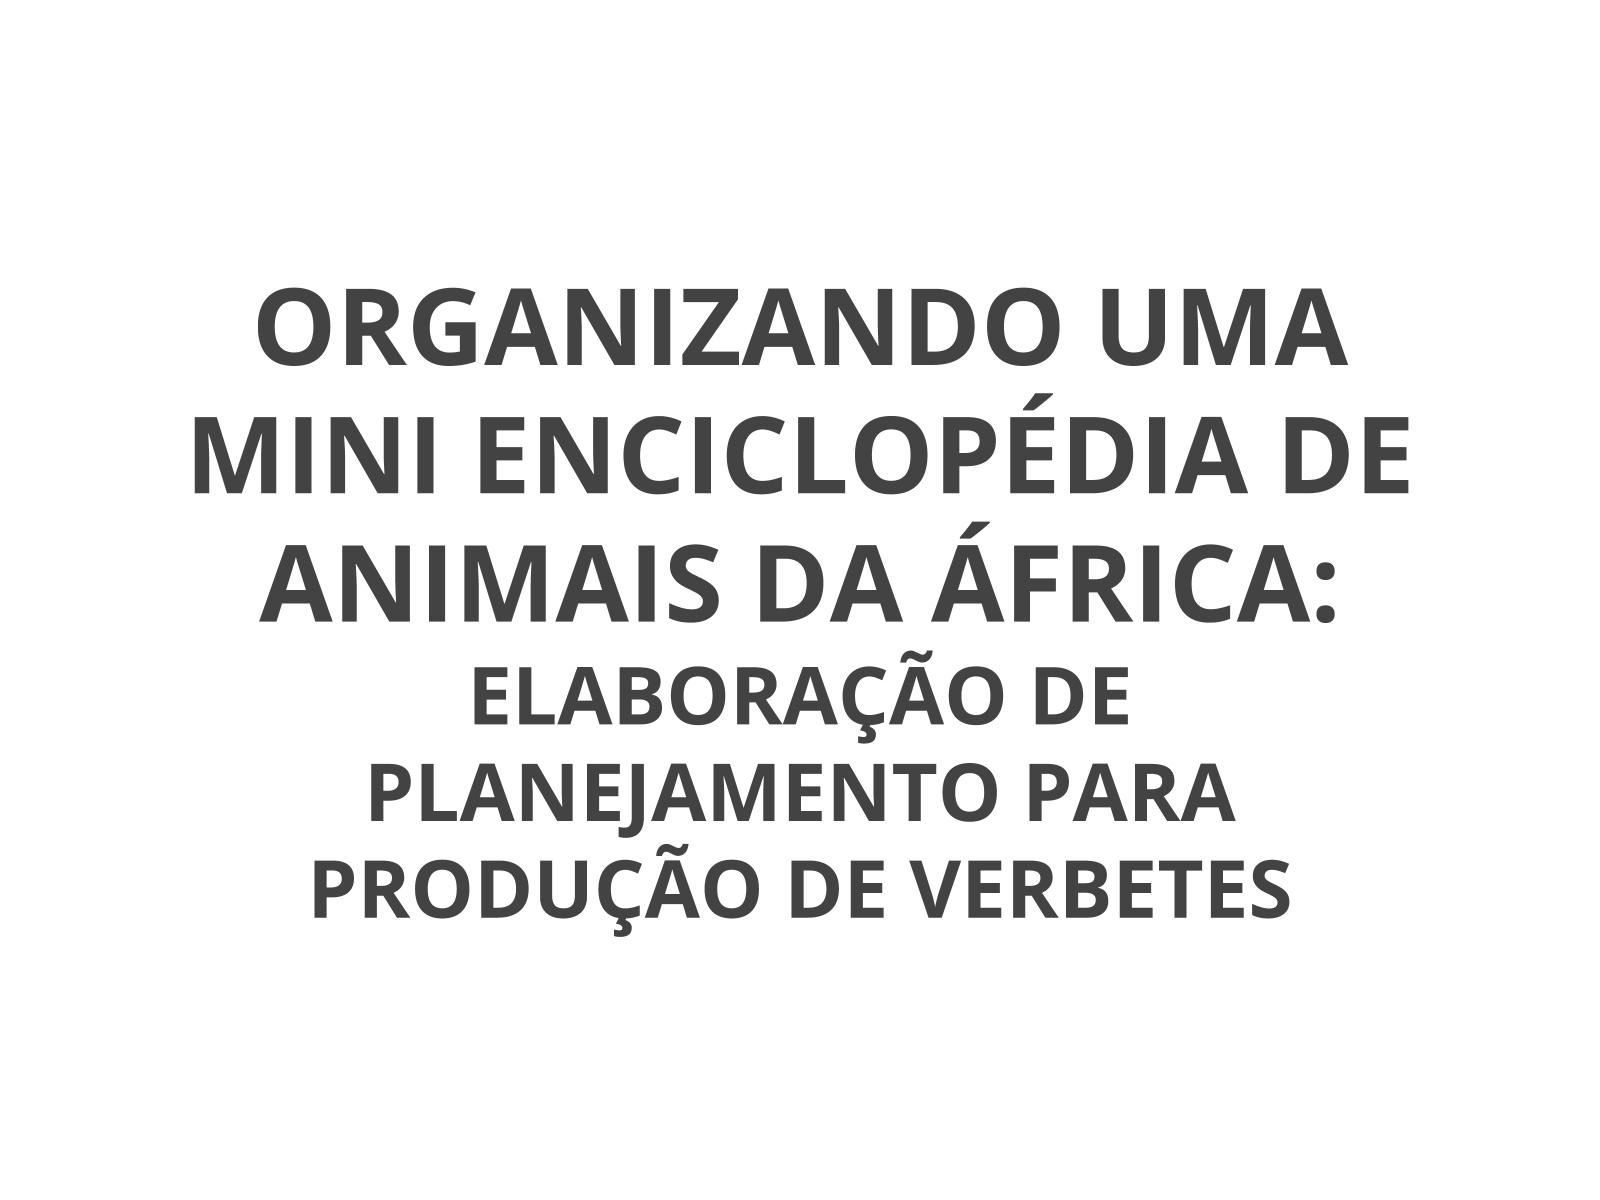 Organizando uma mini enciclopédia de animais da África: elaboração de planejamento para produção de verbetes